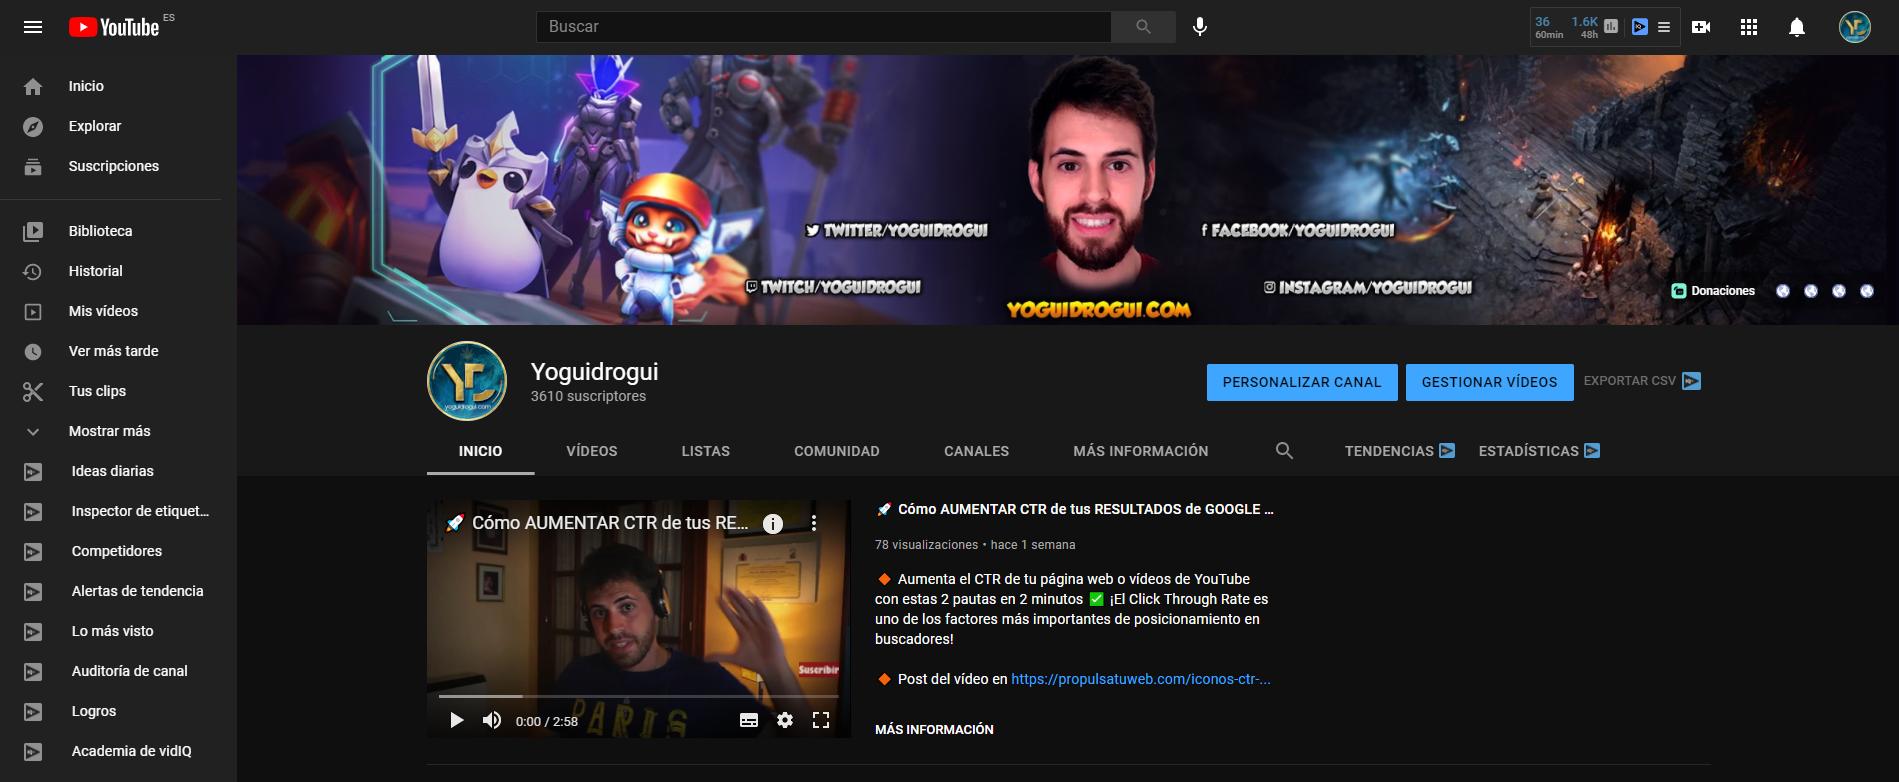 canal-de-youtube-yoguidrogui